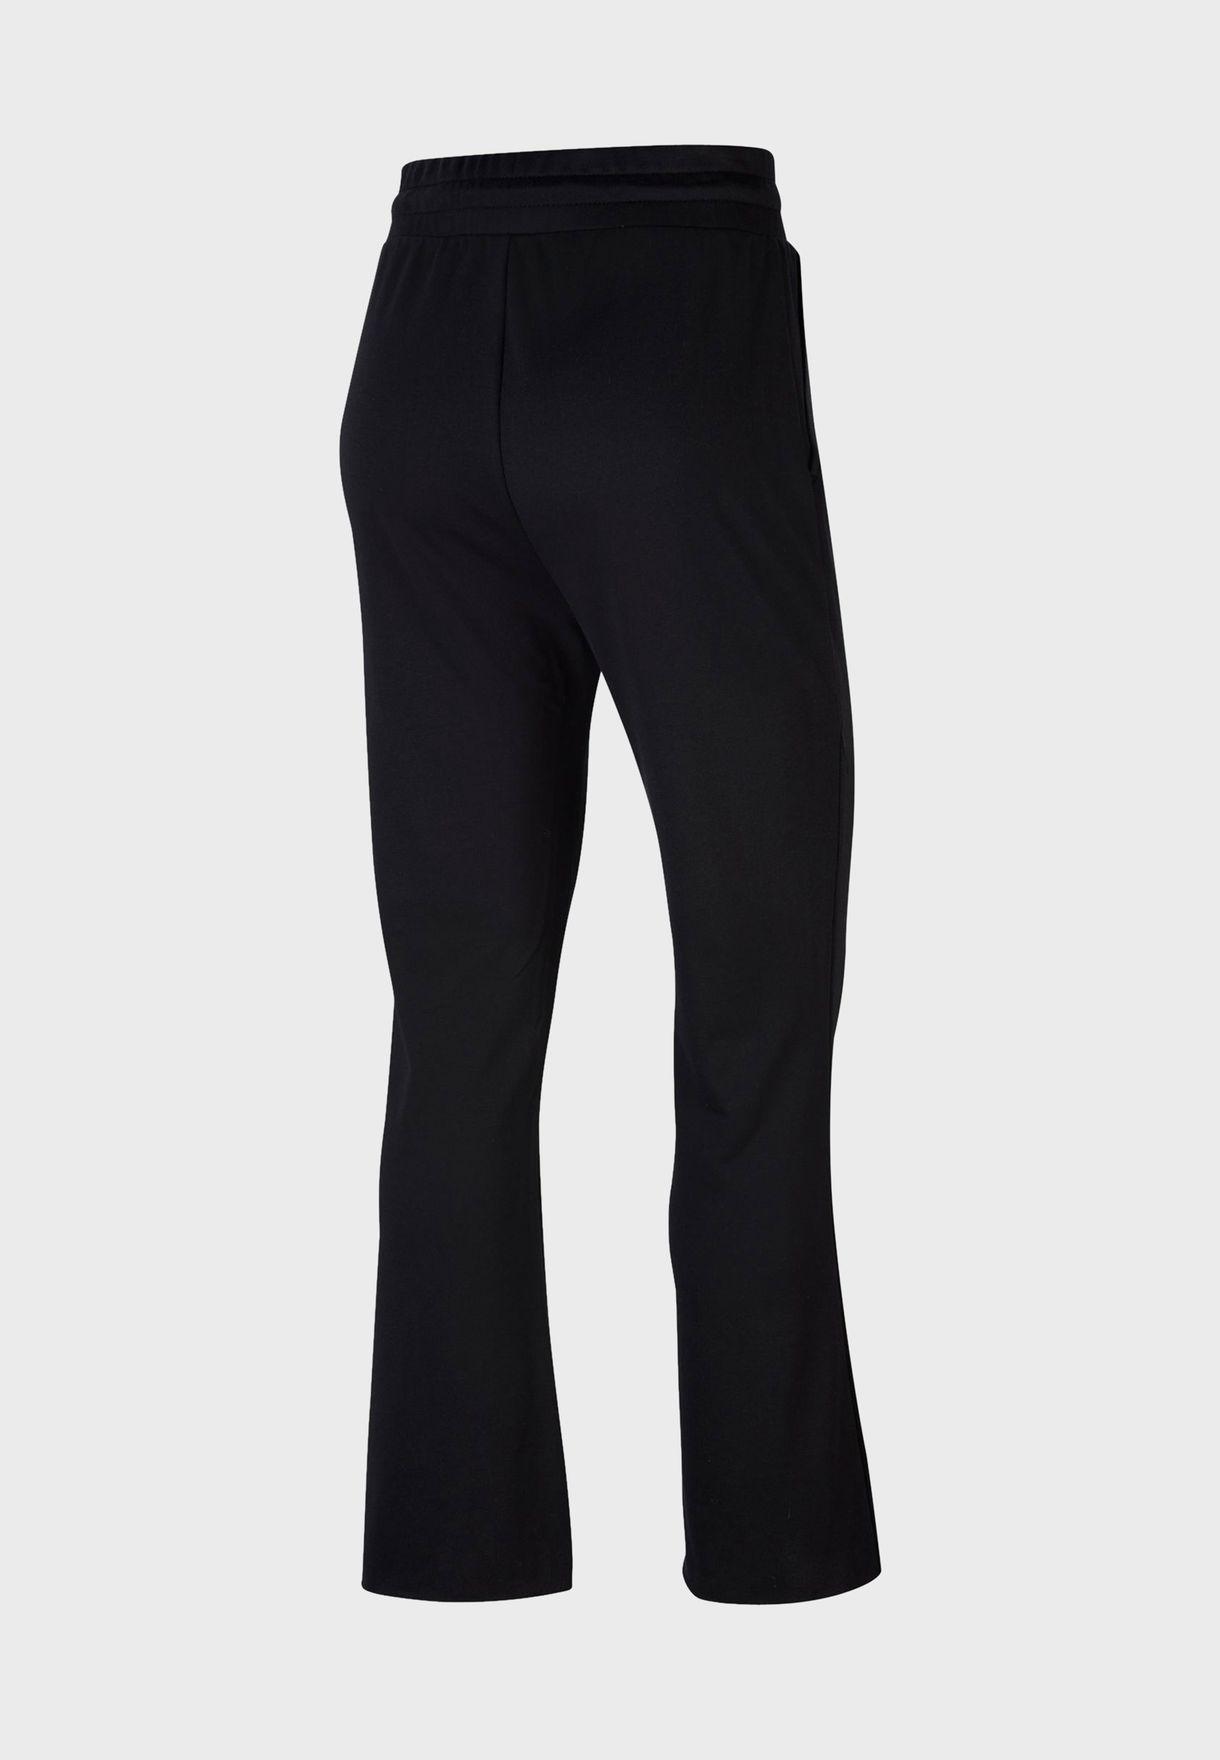 Yoga Core 7/8 Flare Pants